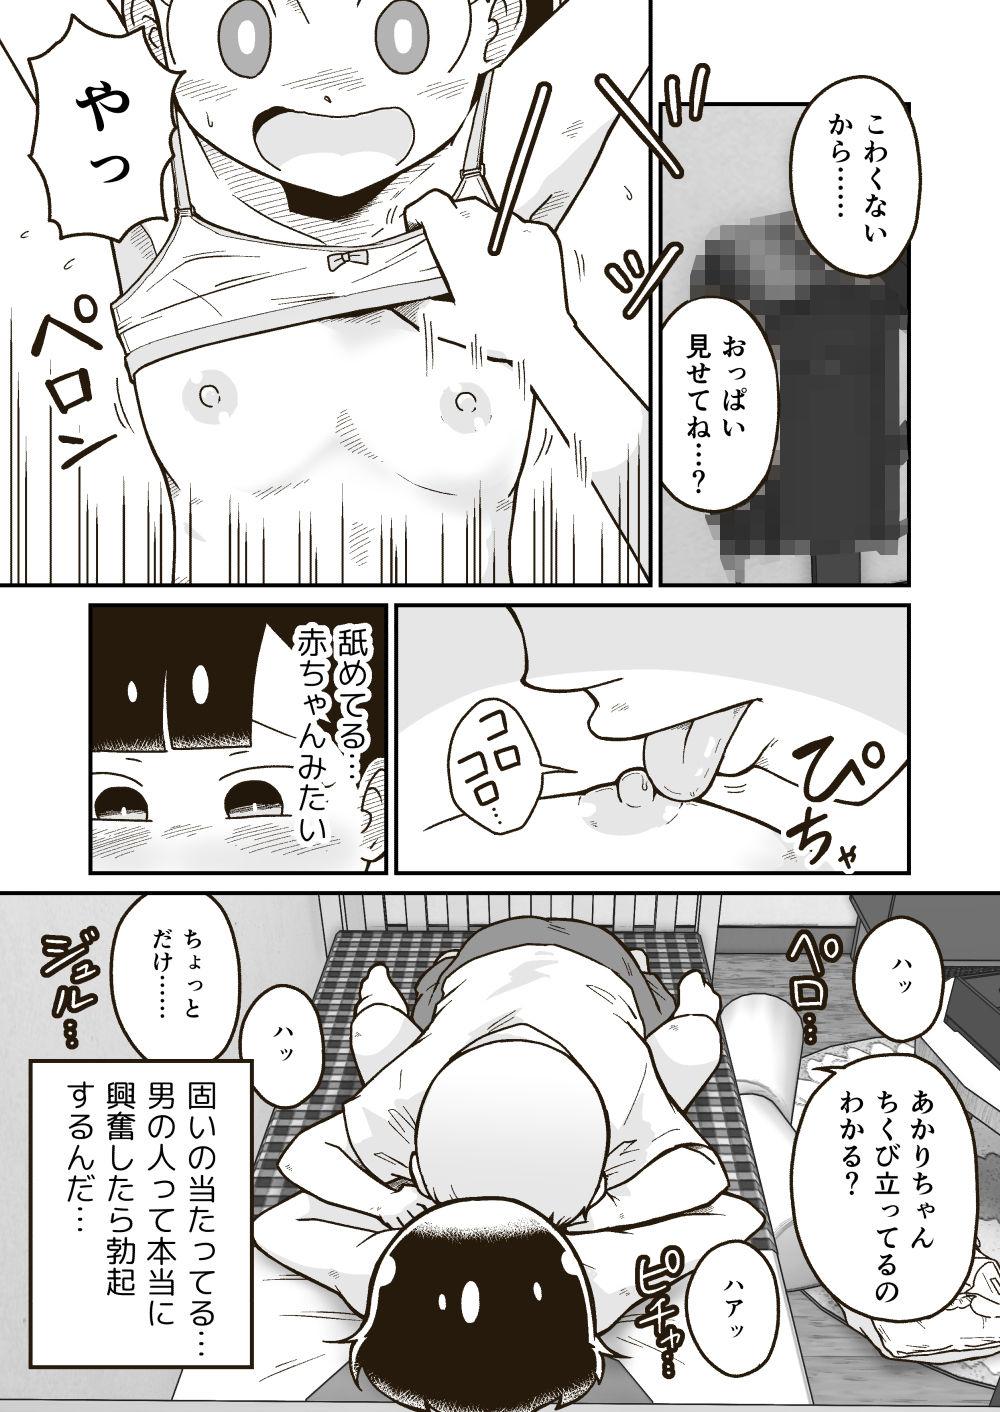 サンプル画像2:ひみつのこ〇も部屋(ギャラリークラフト) [d_200084]